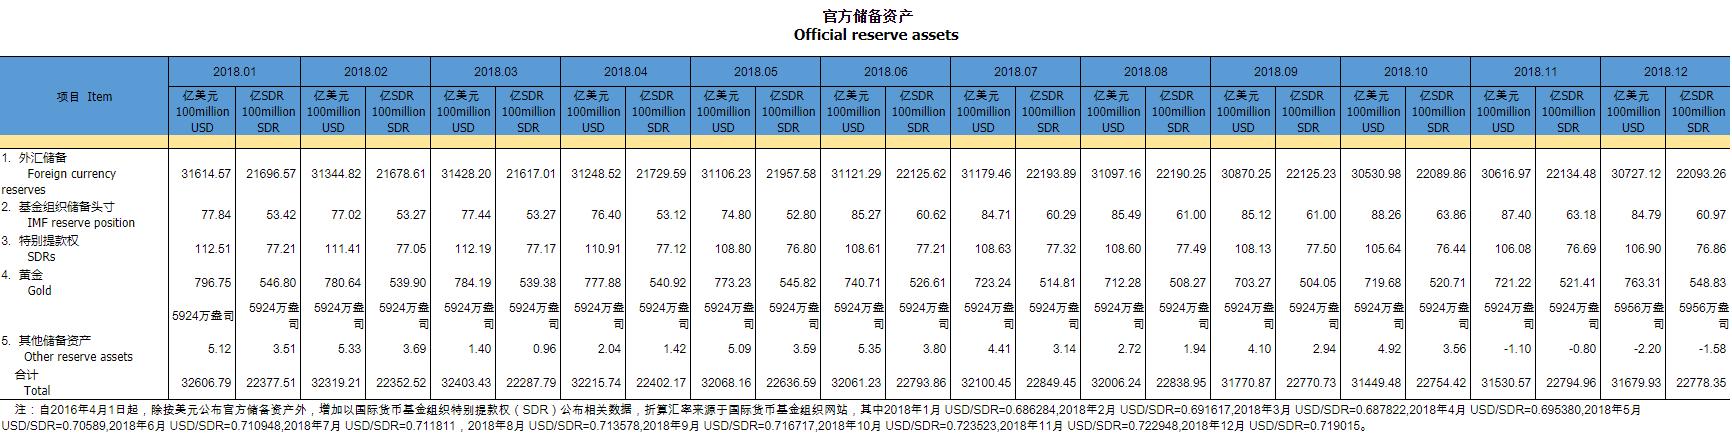 下图为中国央行2018年全年官方储备资产图表